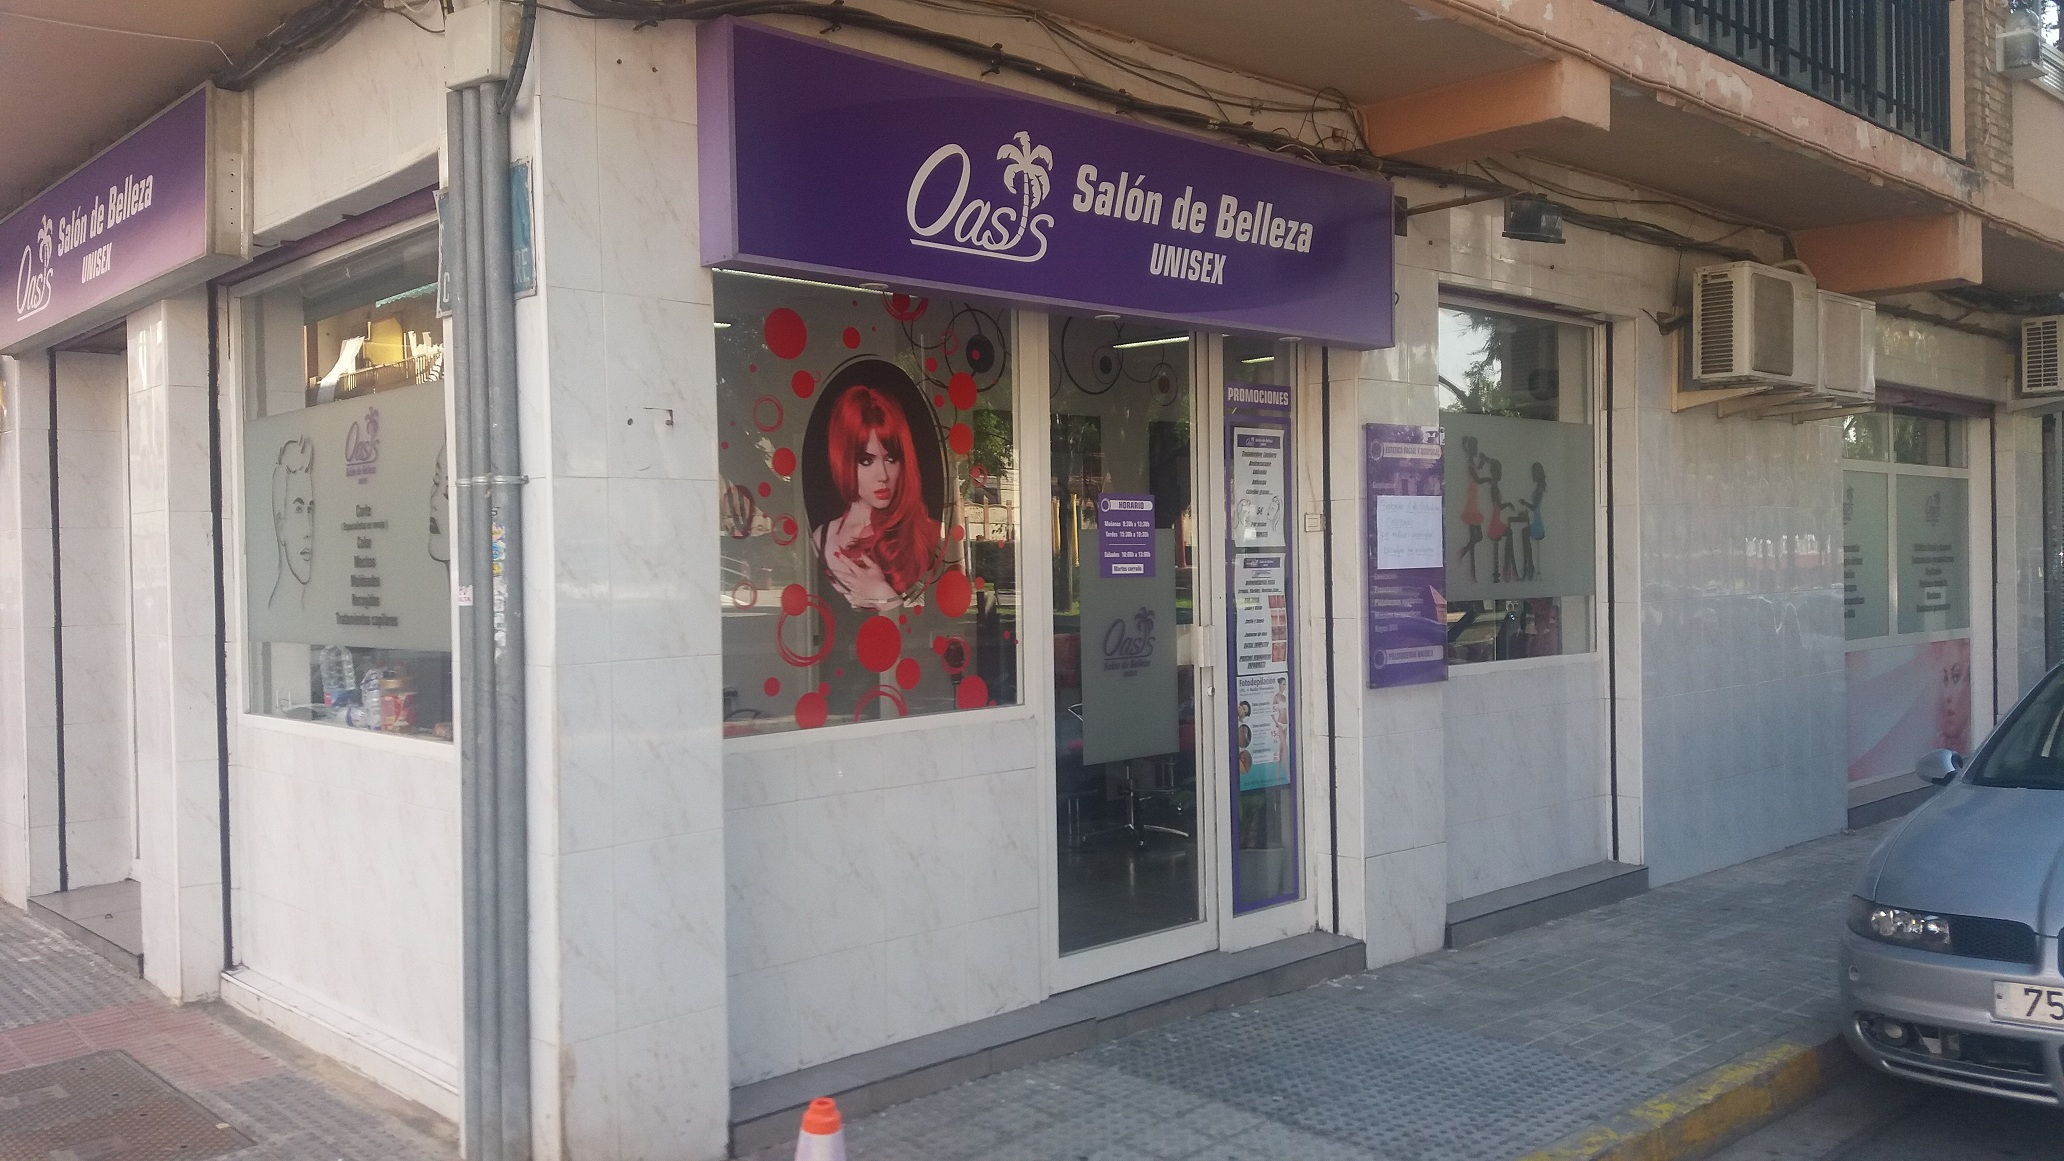 Oasis Salon de Belleza